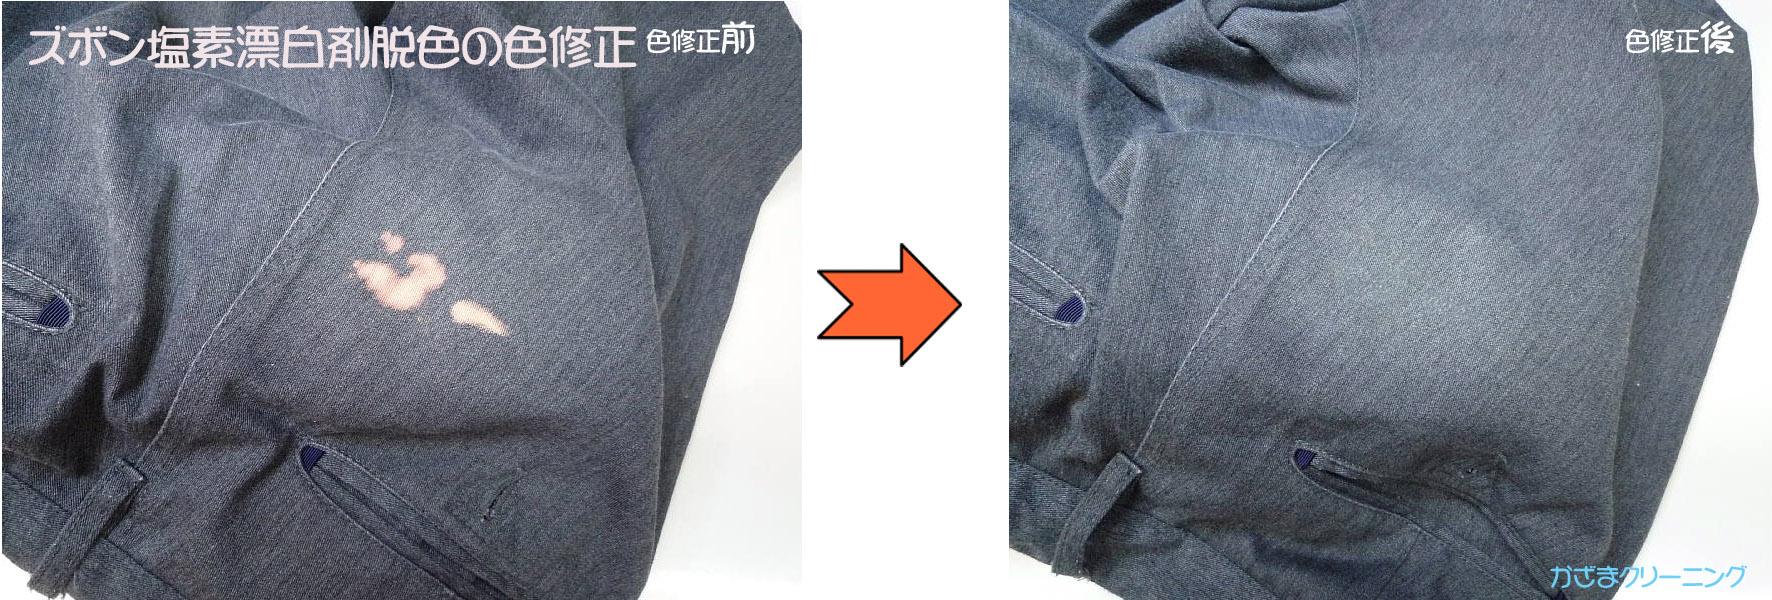 ズボン塩素漂白剤脱色の色修正